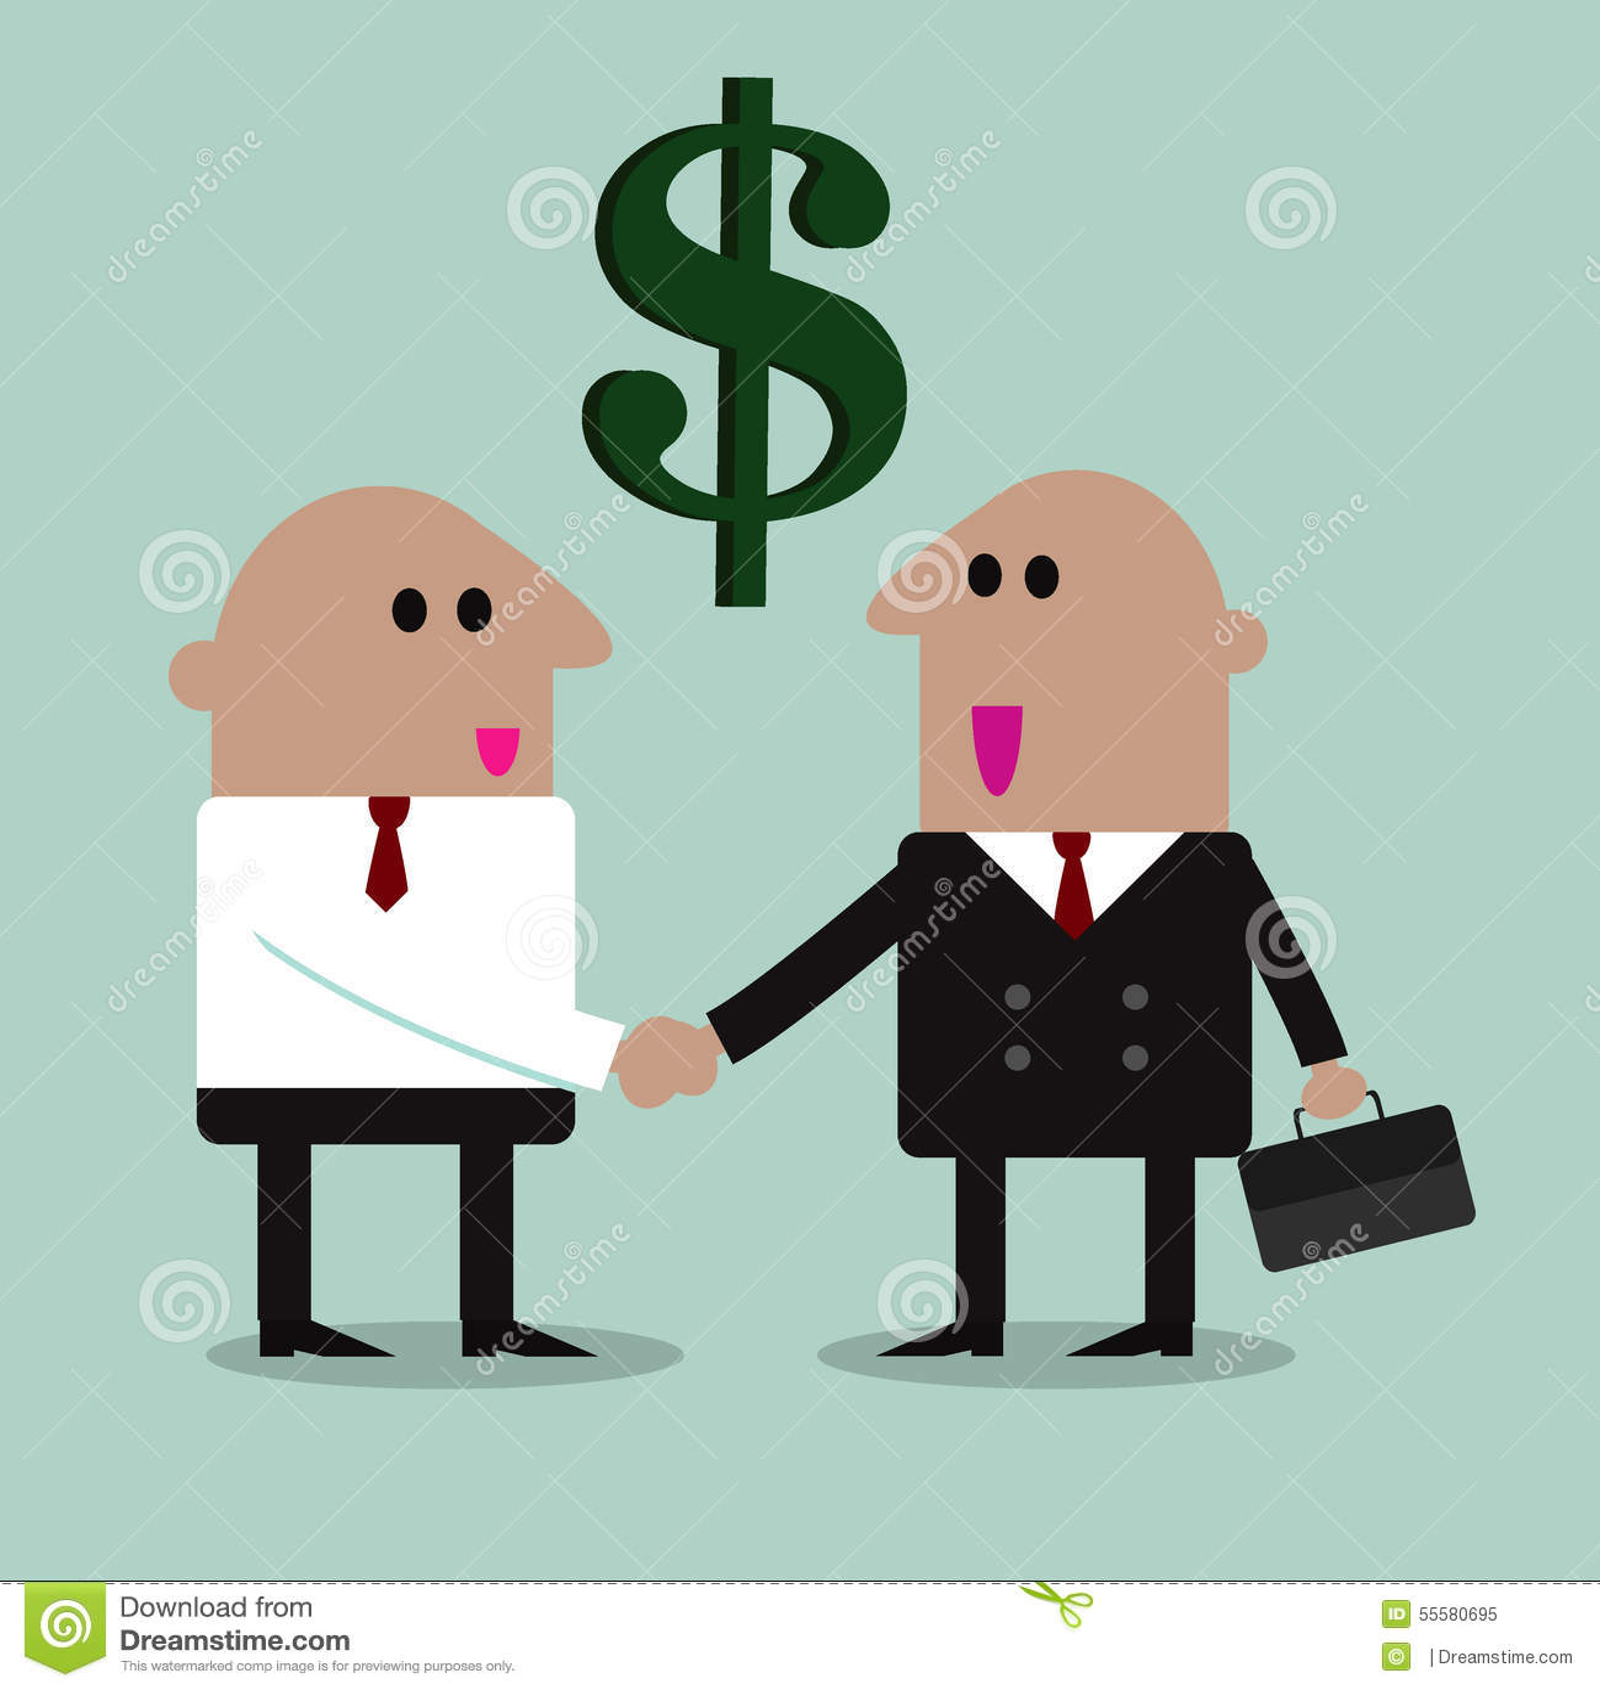 商务伙伴握手图片